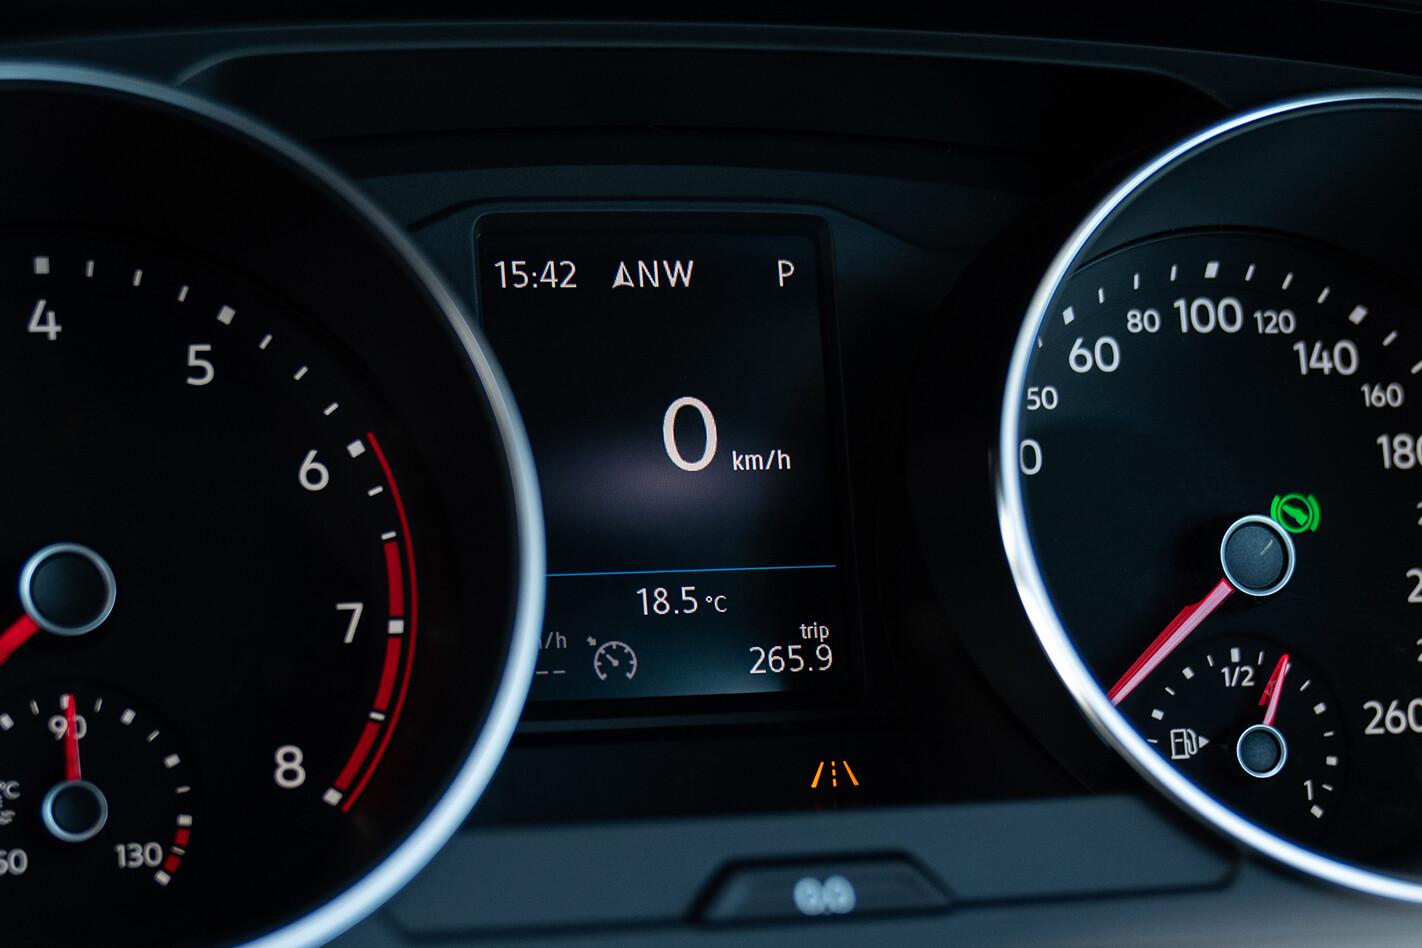 Volkswagen Tiguan gauges